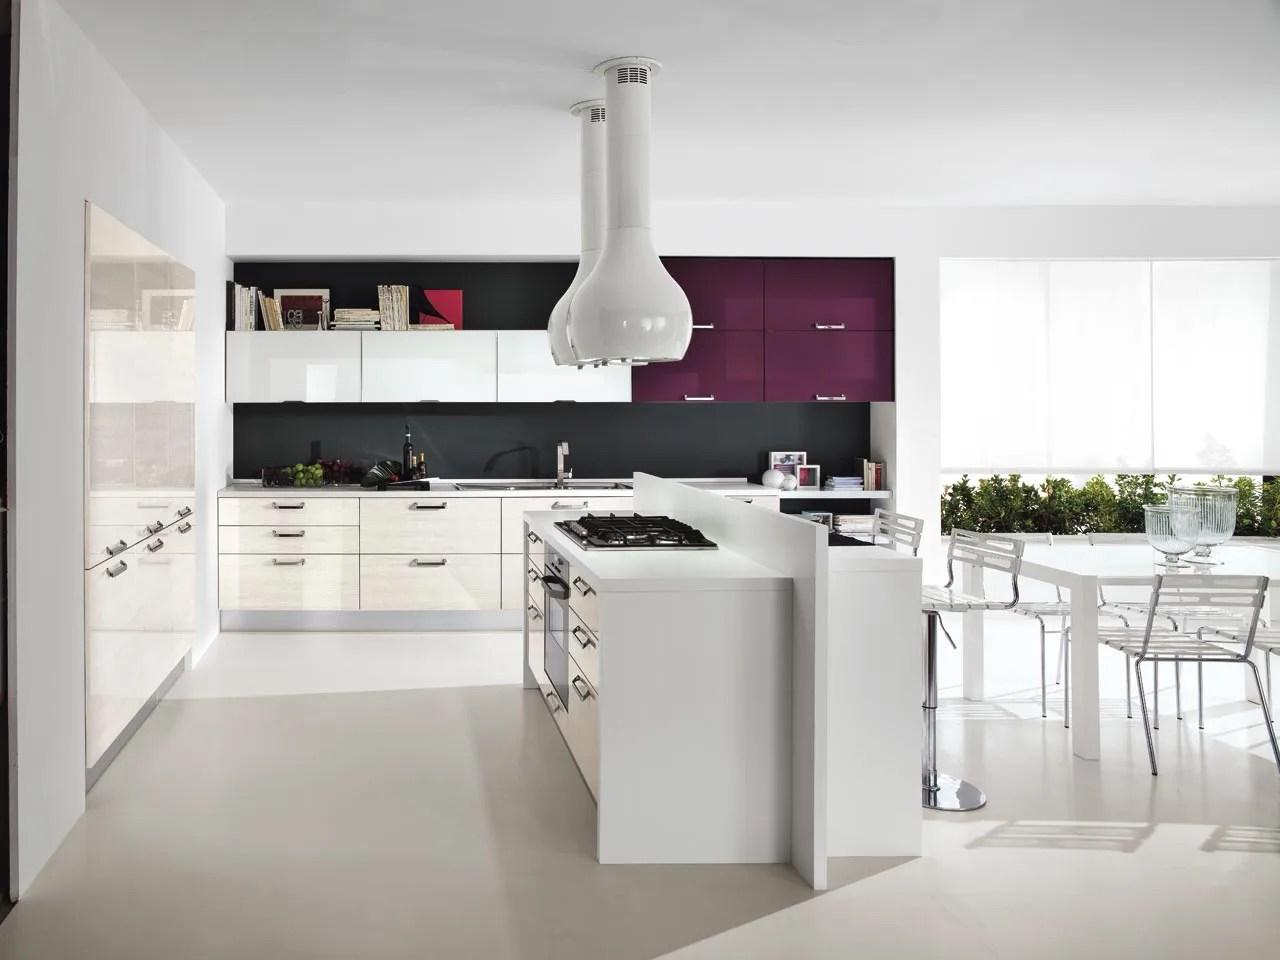 Cucina Moderna Con Isola E Tavolo | Cucine Con Isola Prezzi Cucina ...